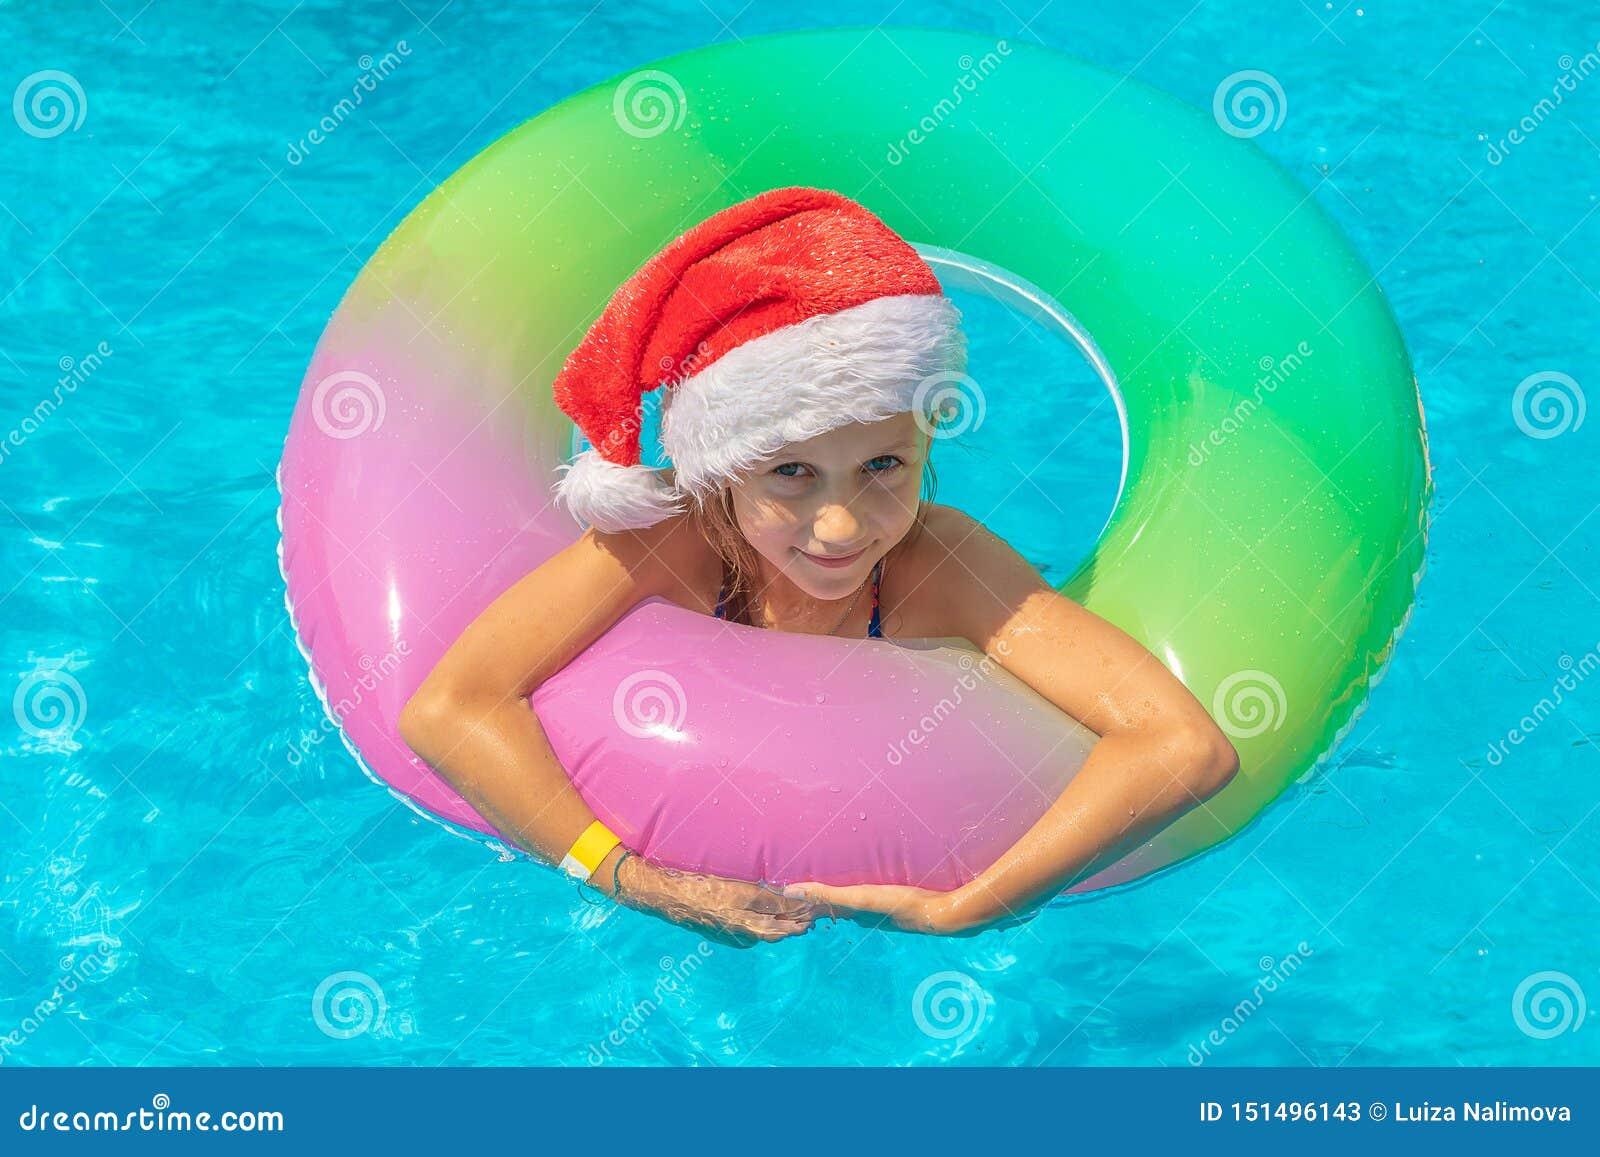 Ragazza felice che galleggia in uno stagno blu in cappelli di Santa su un fondo blu, sullo sguardo alla macchina fotografica e su